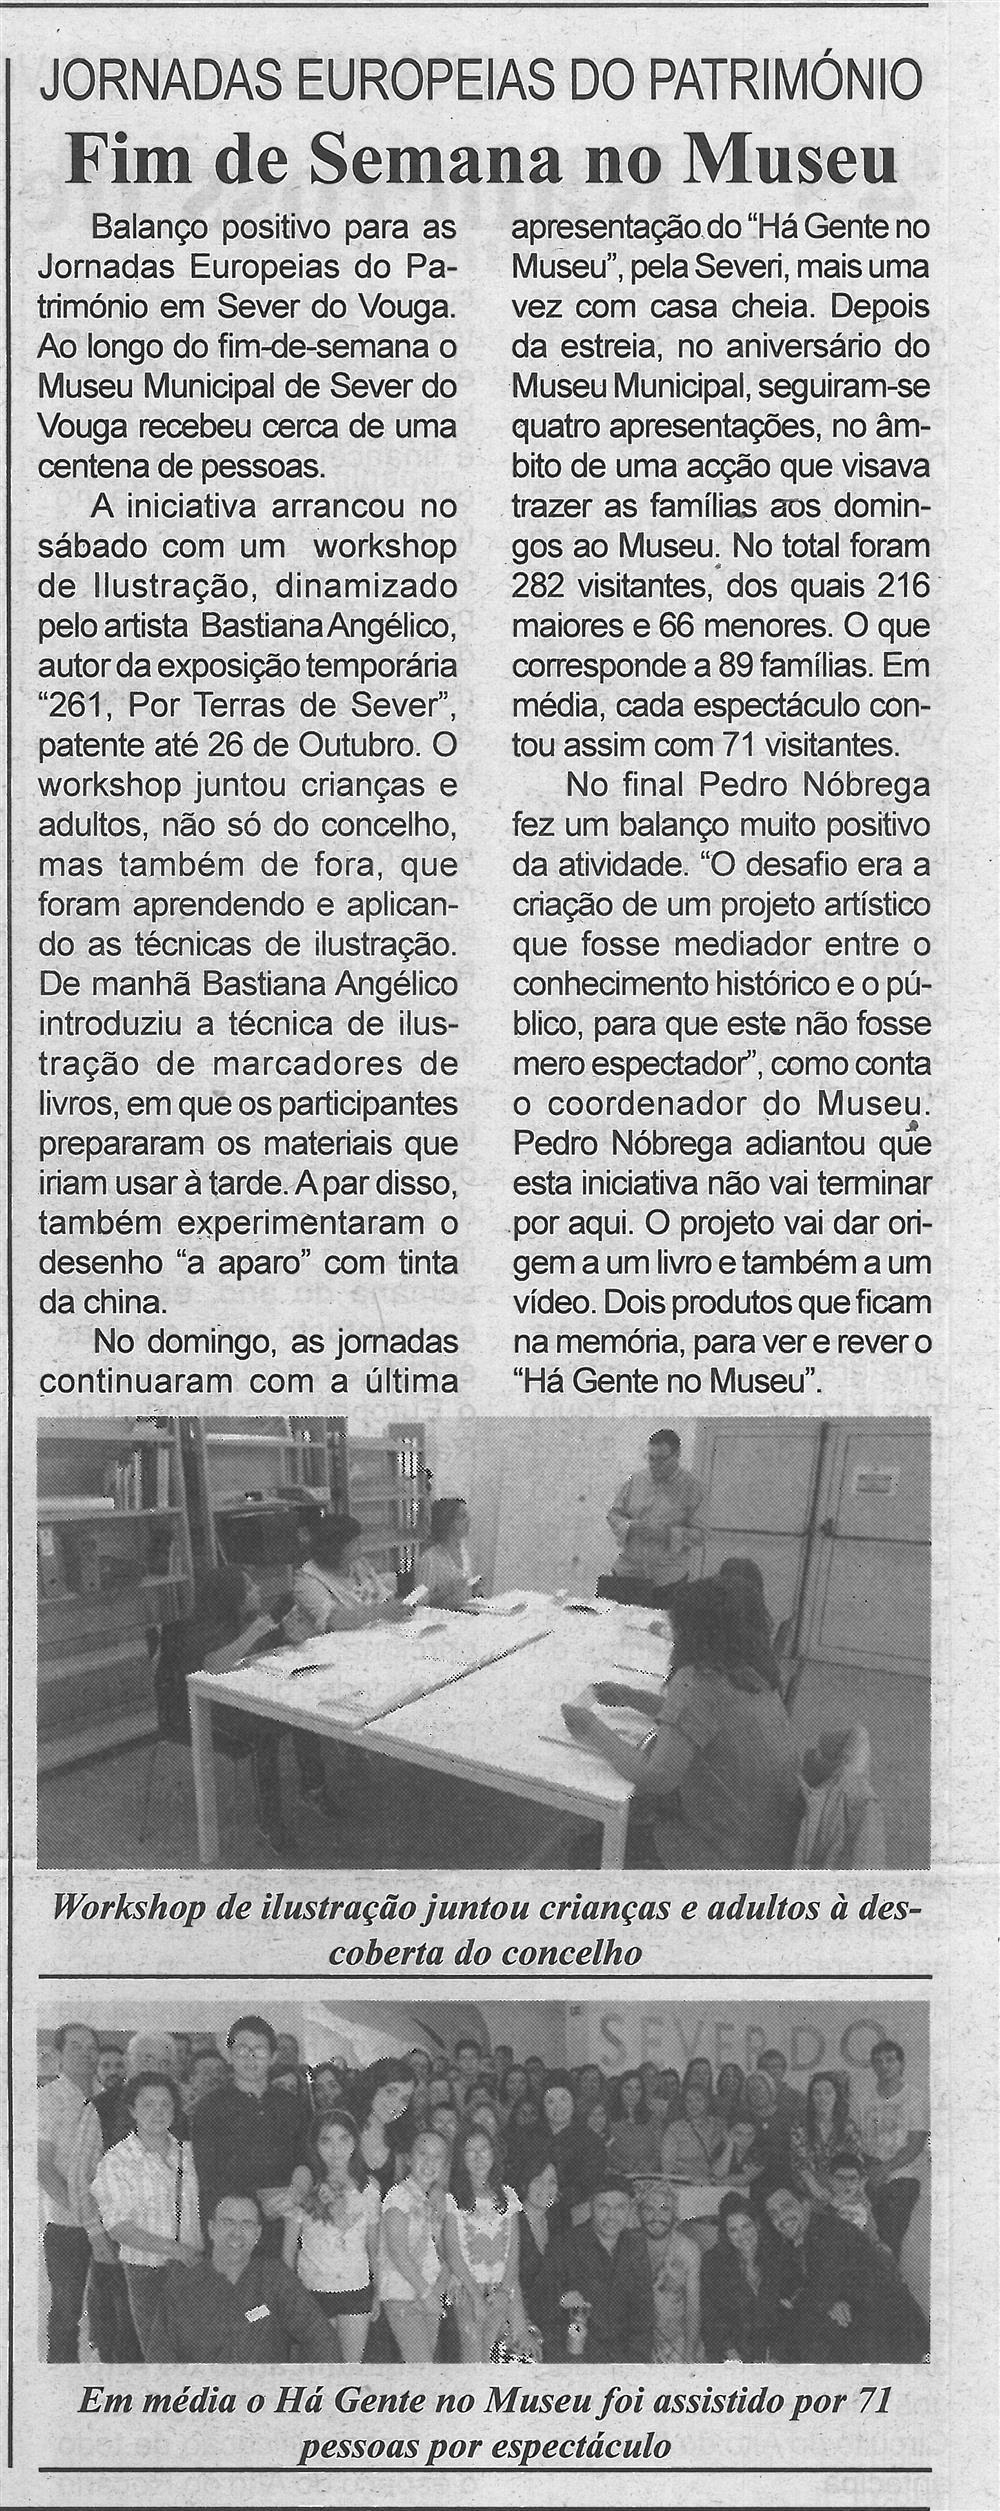 BV-1.ªout.'19-p.6-Fim de semana no Museu : Jornadas Europeias do Património.jpg